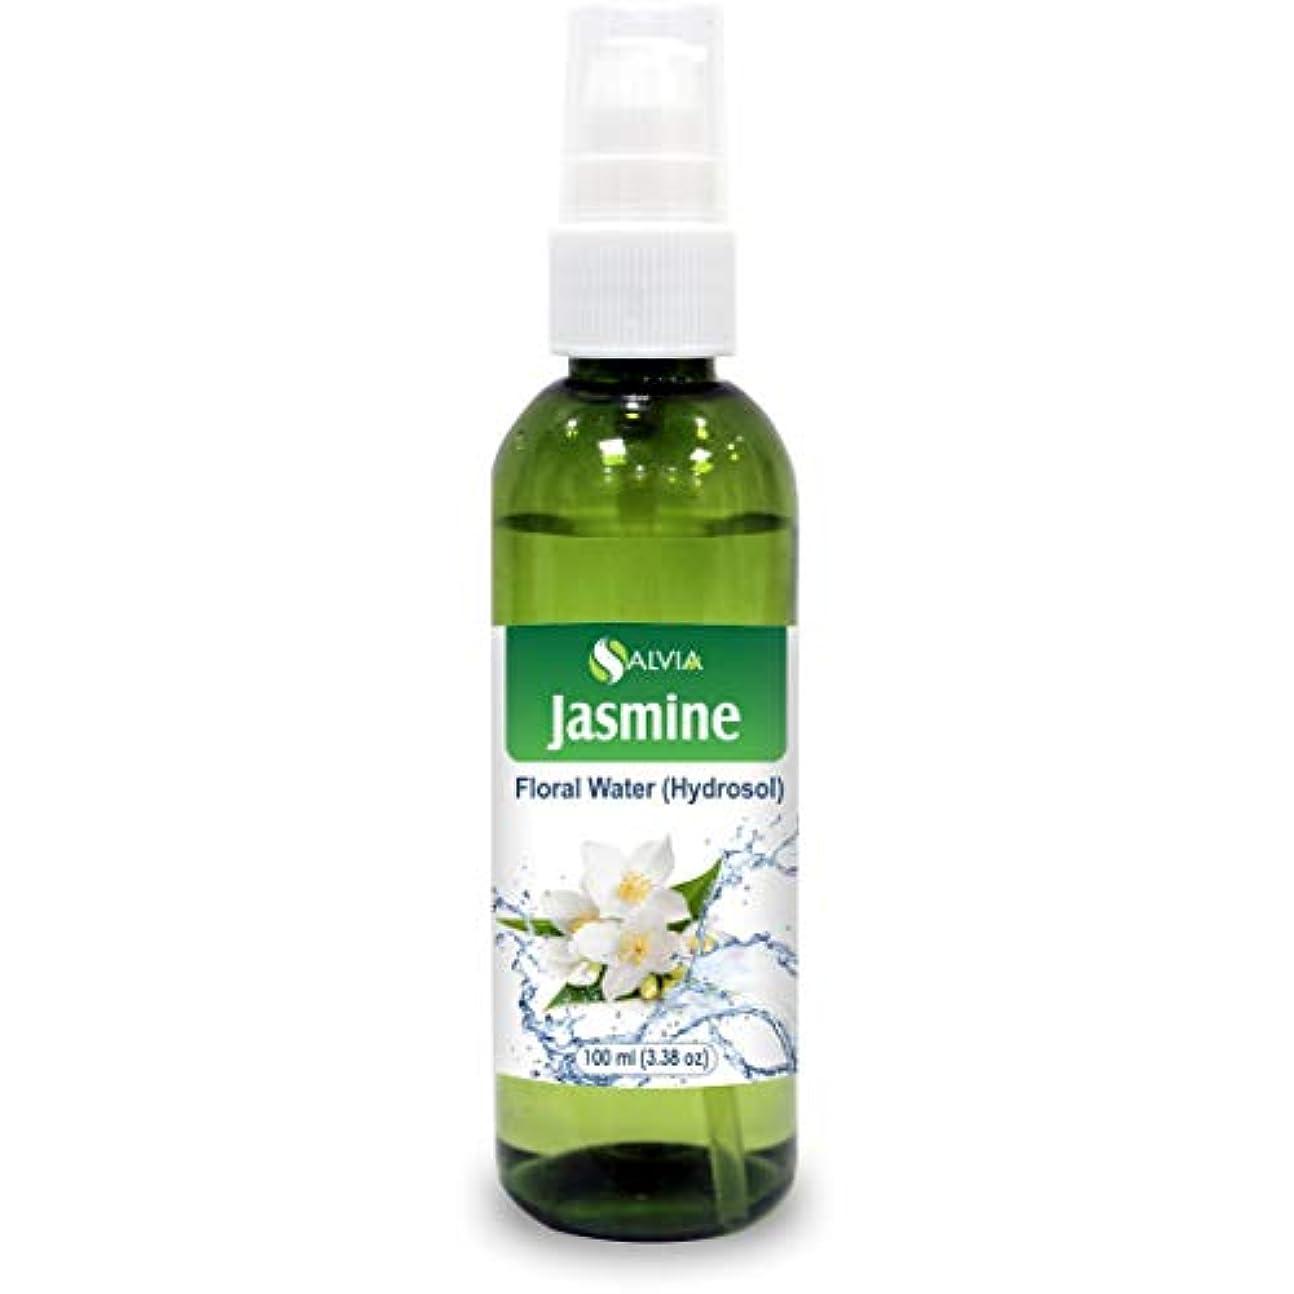 生息地想起調和のとれたJasmine Floral Water 100ml (Hydrosol) 100% Pure And Natural